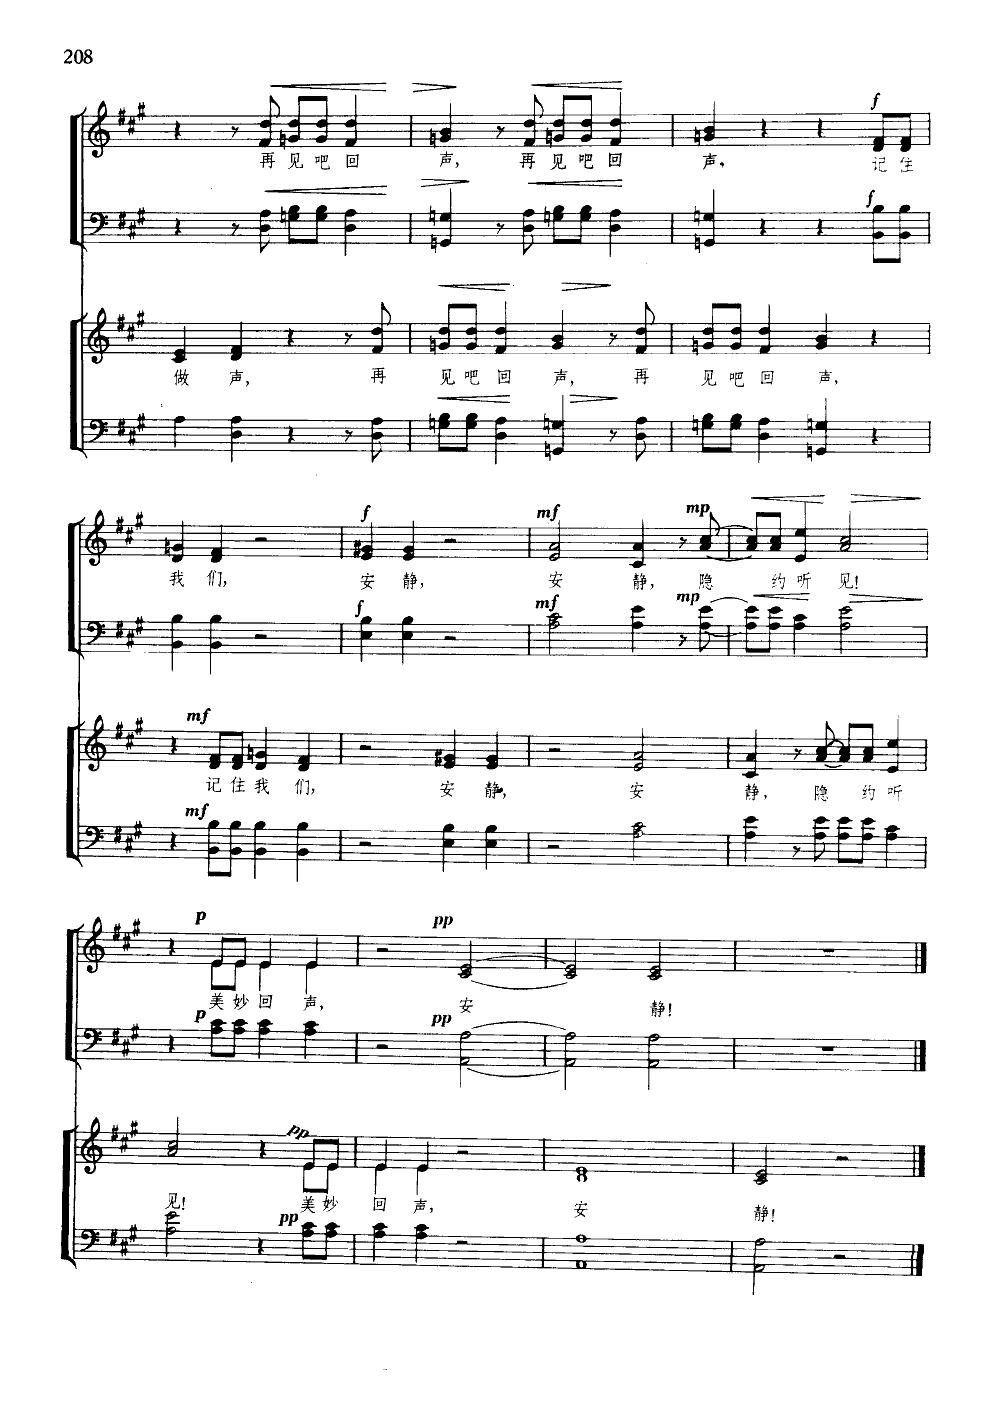 回声(双声四部混声无伴奏合唱)(线谱)